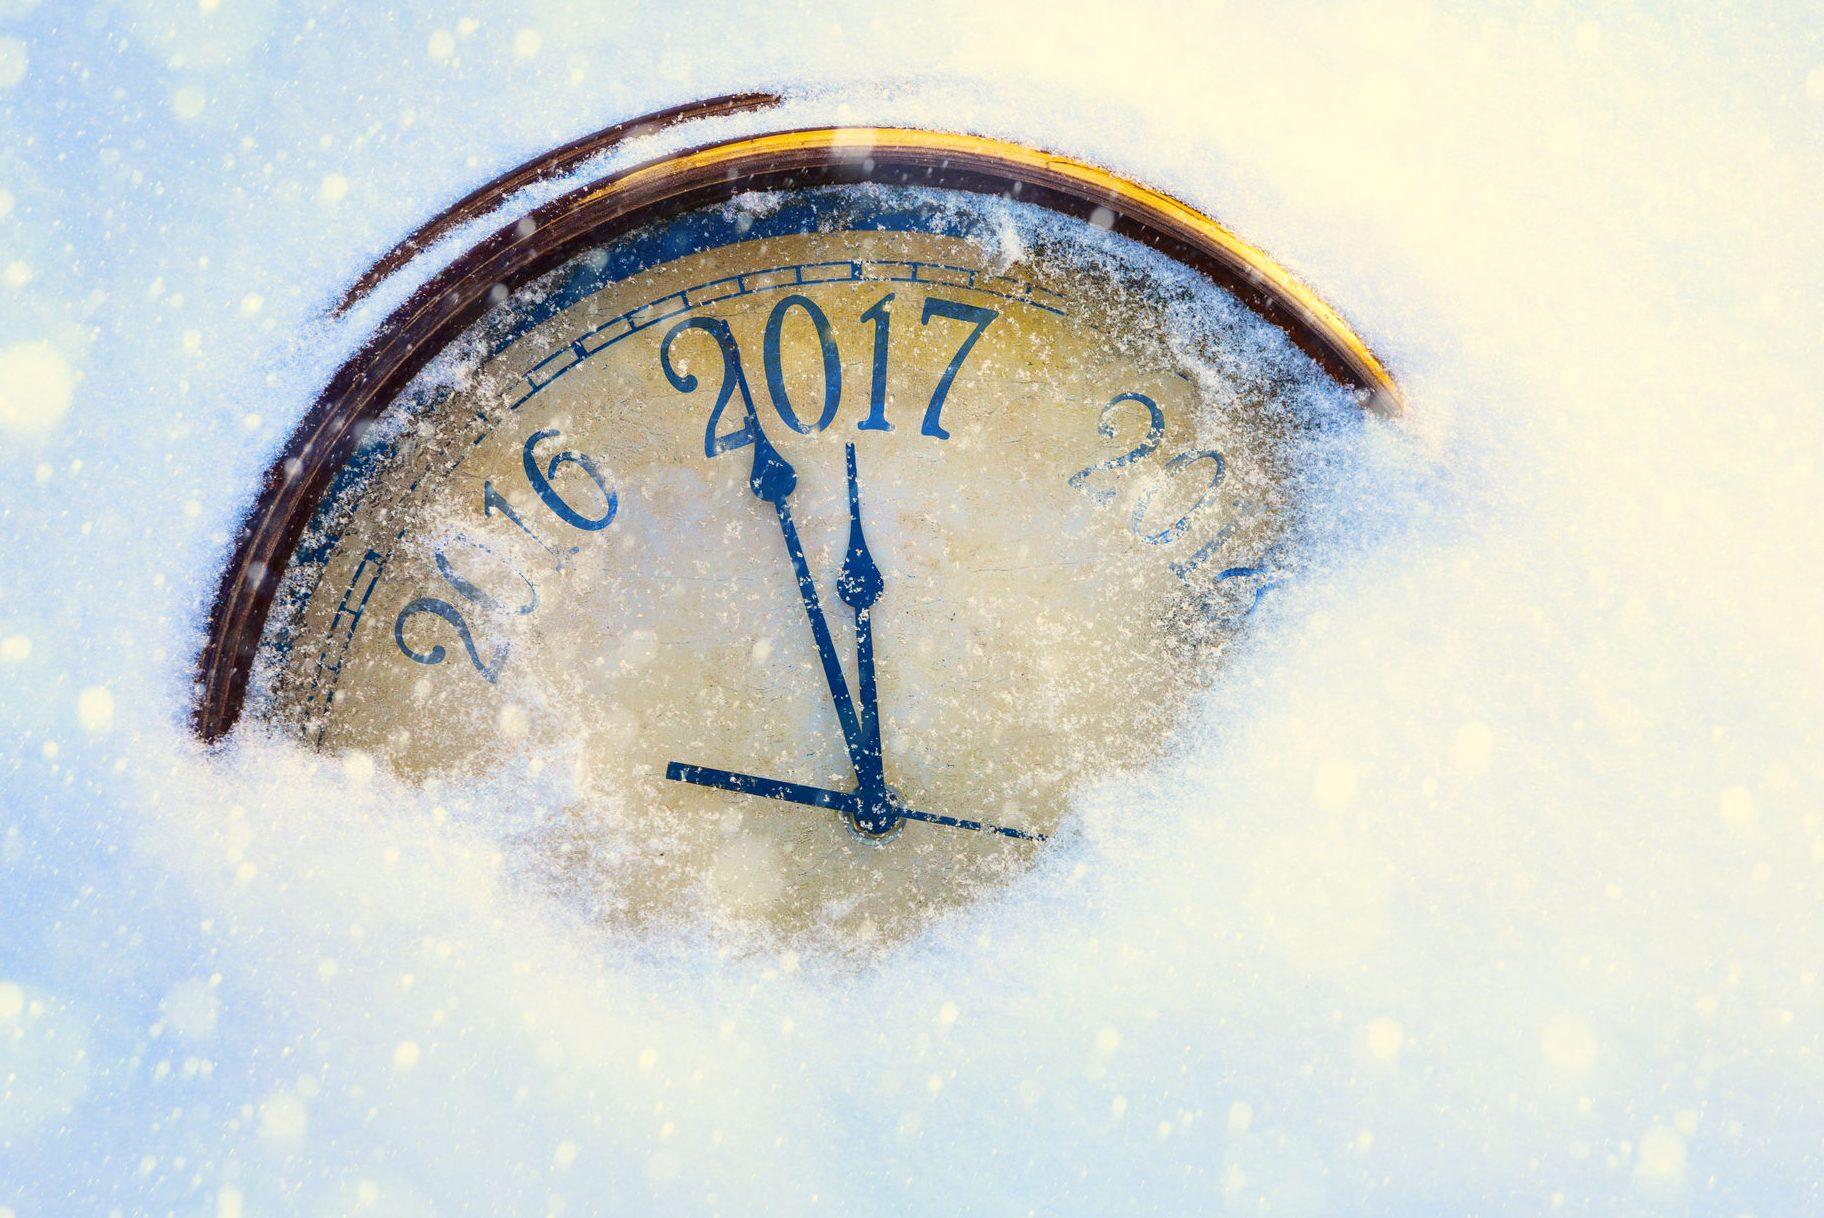 Де зустріти новий рік 2017